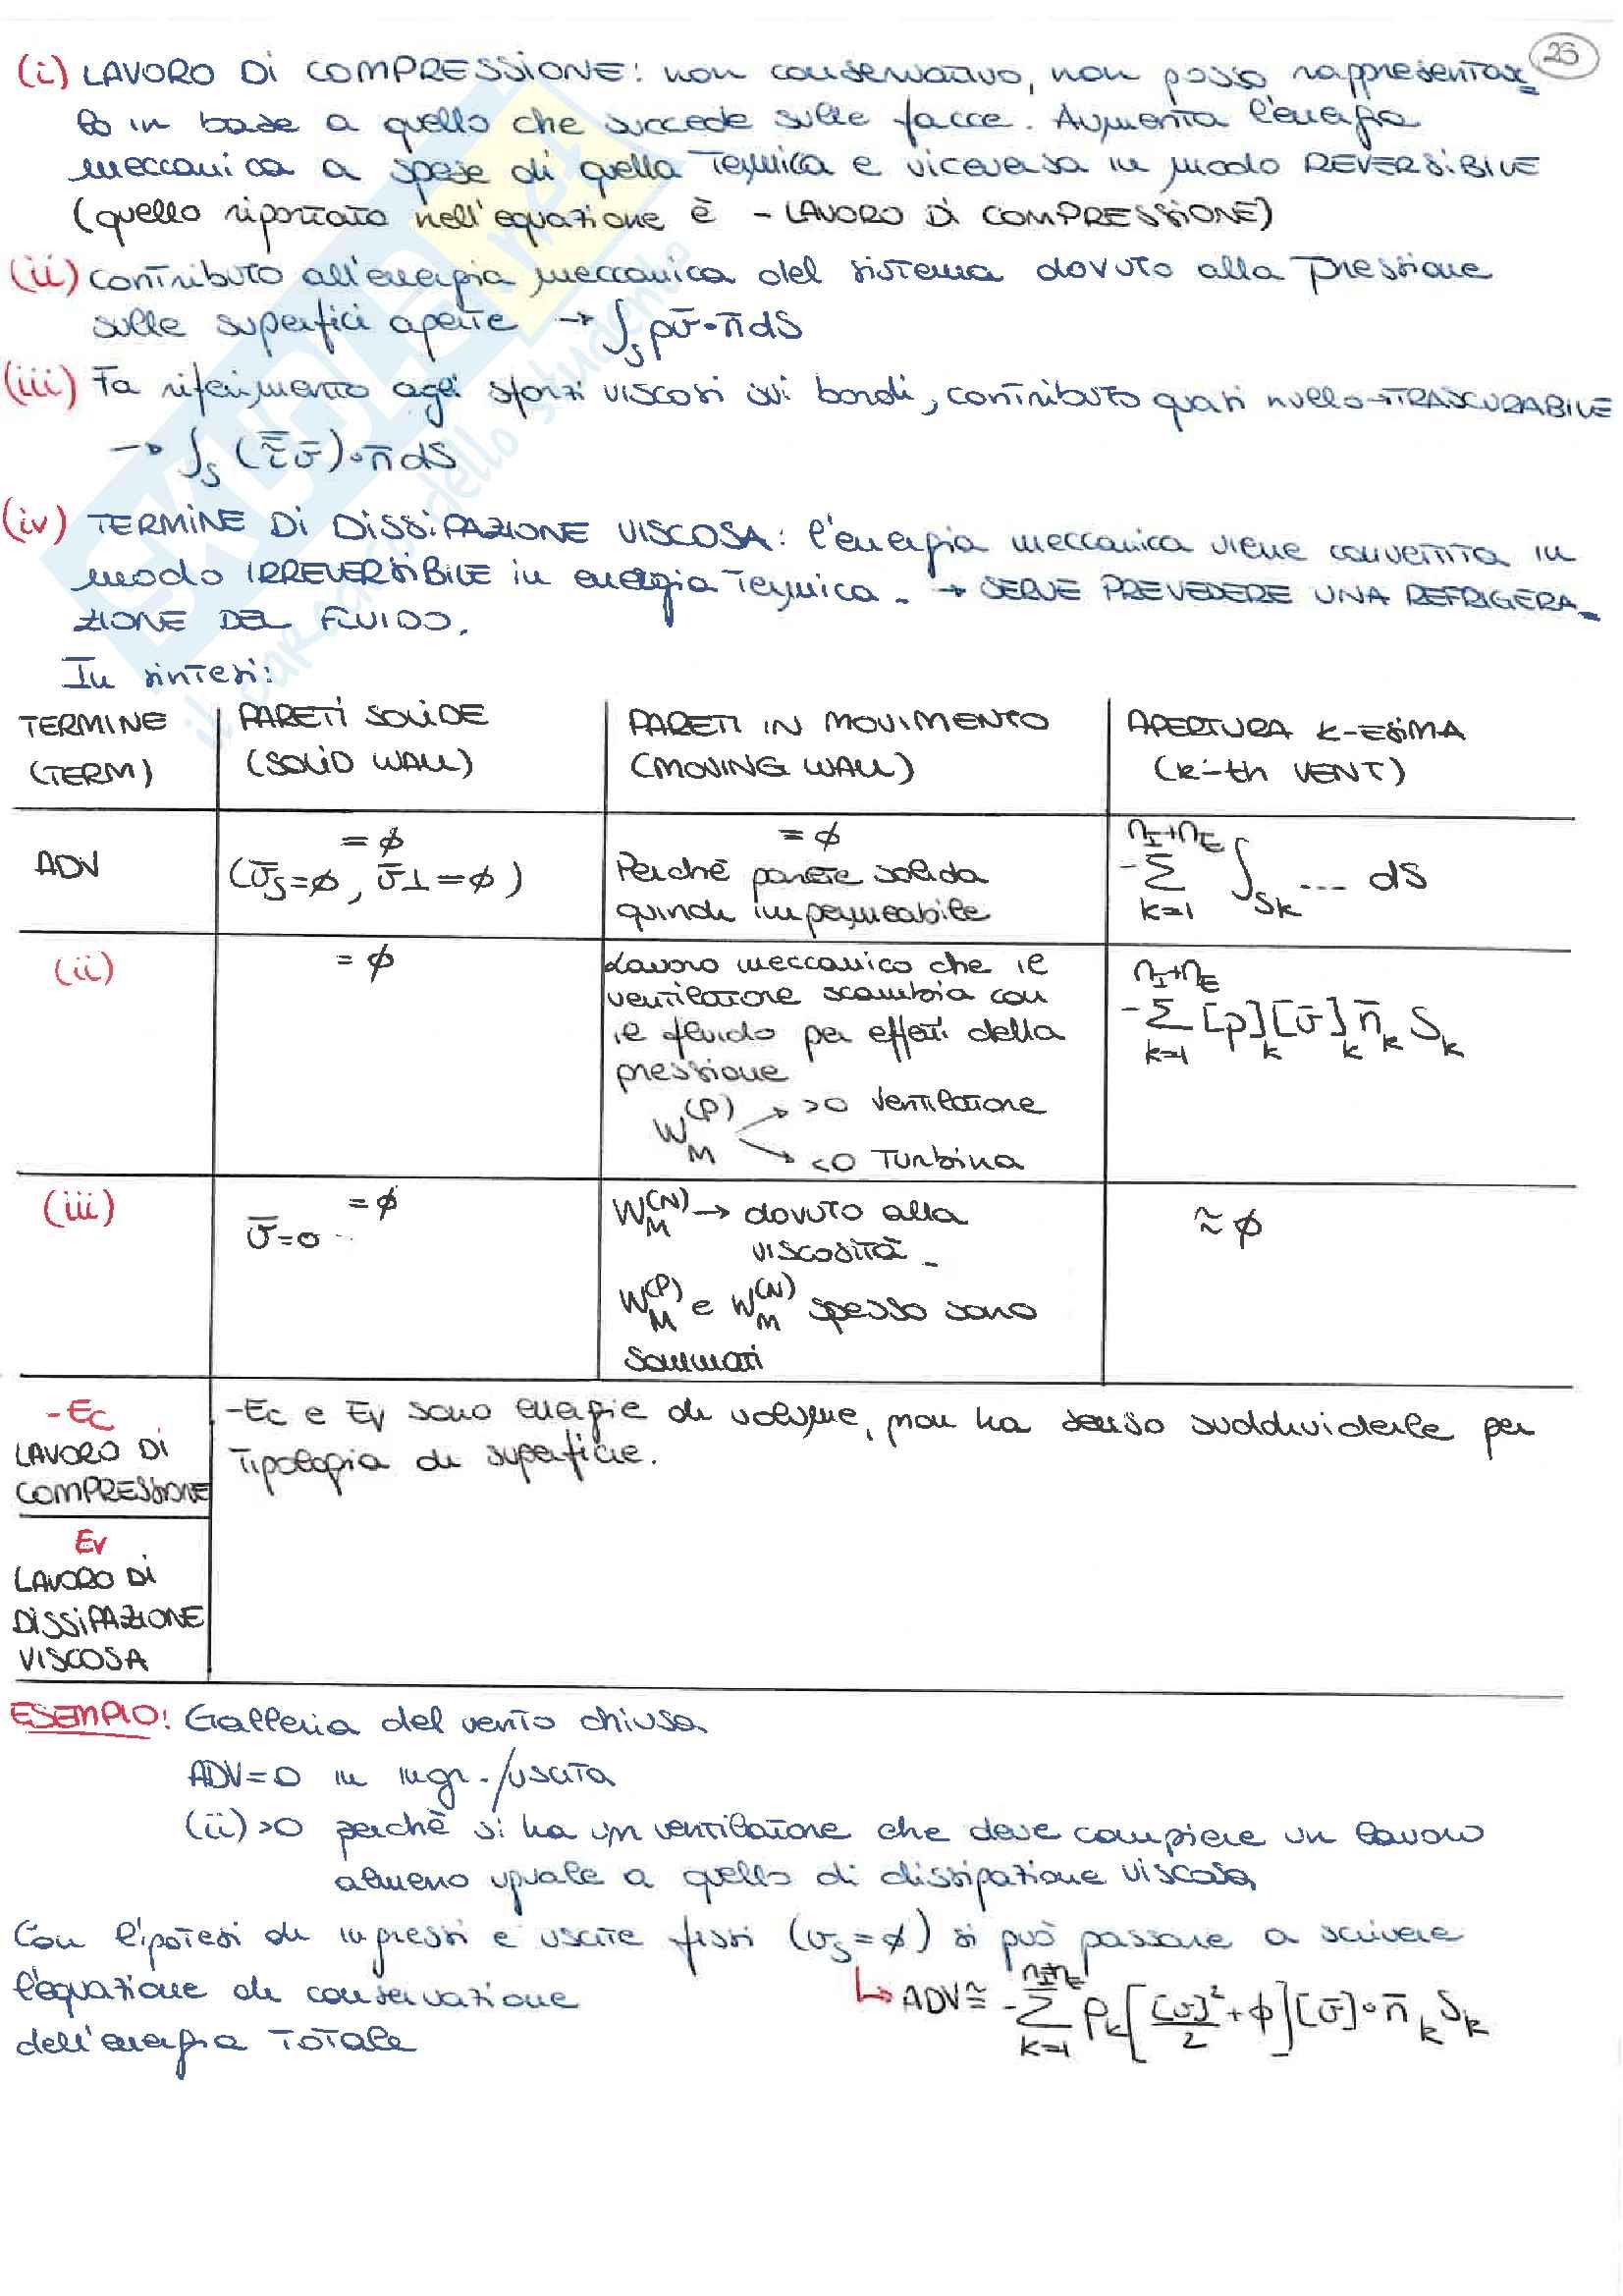 Aerodinamica, Stalio Pag. 26